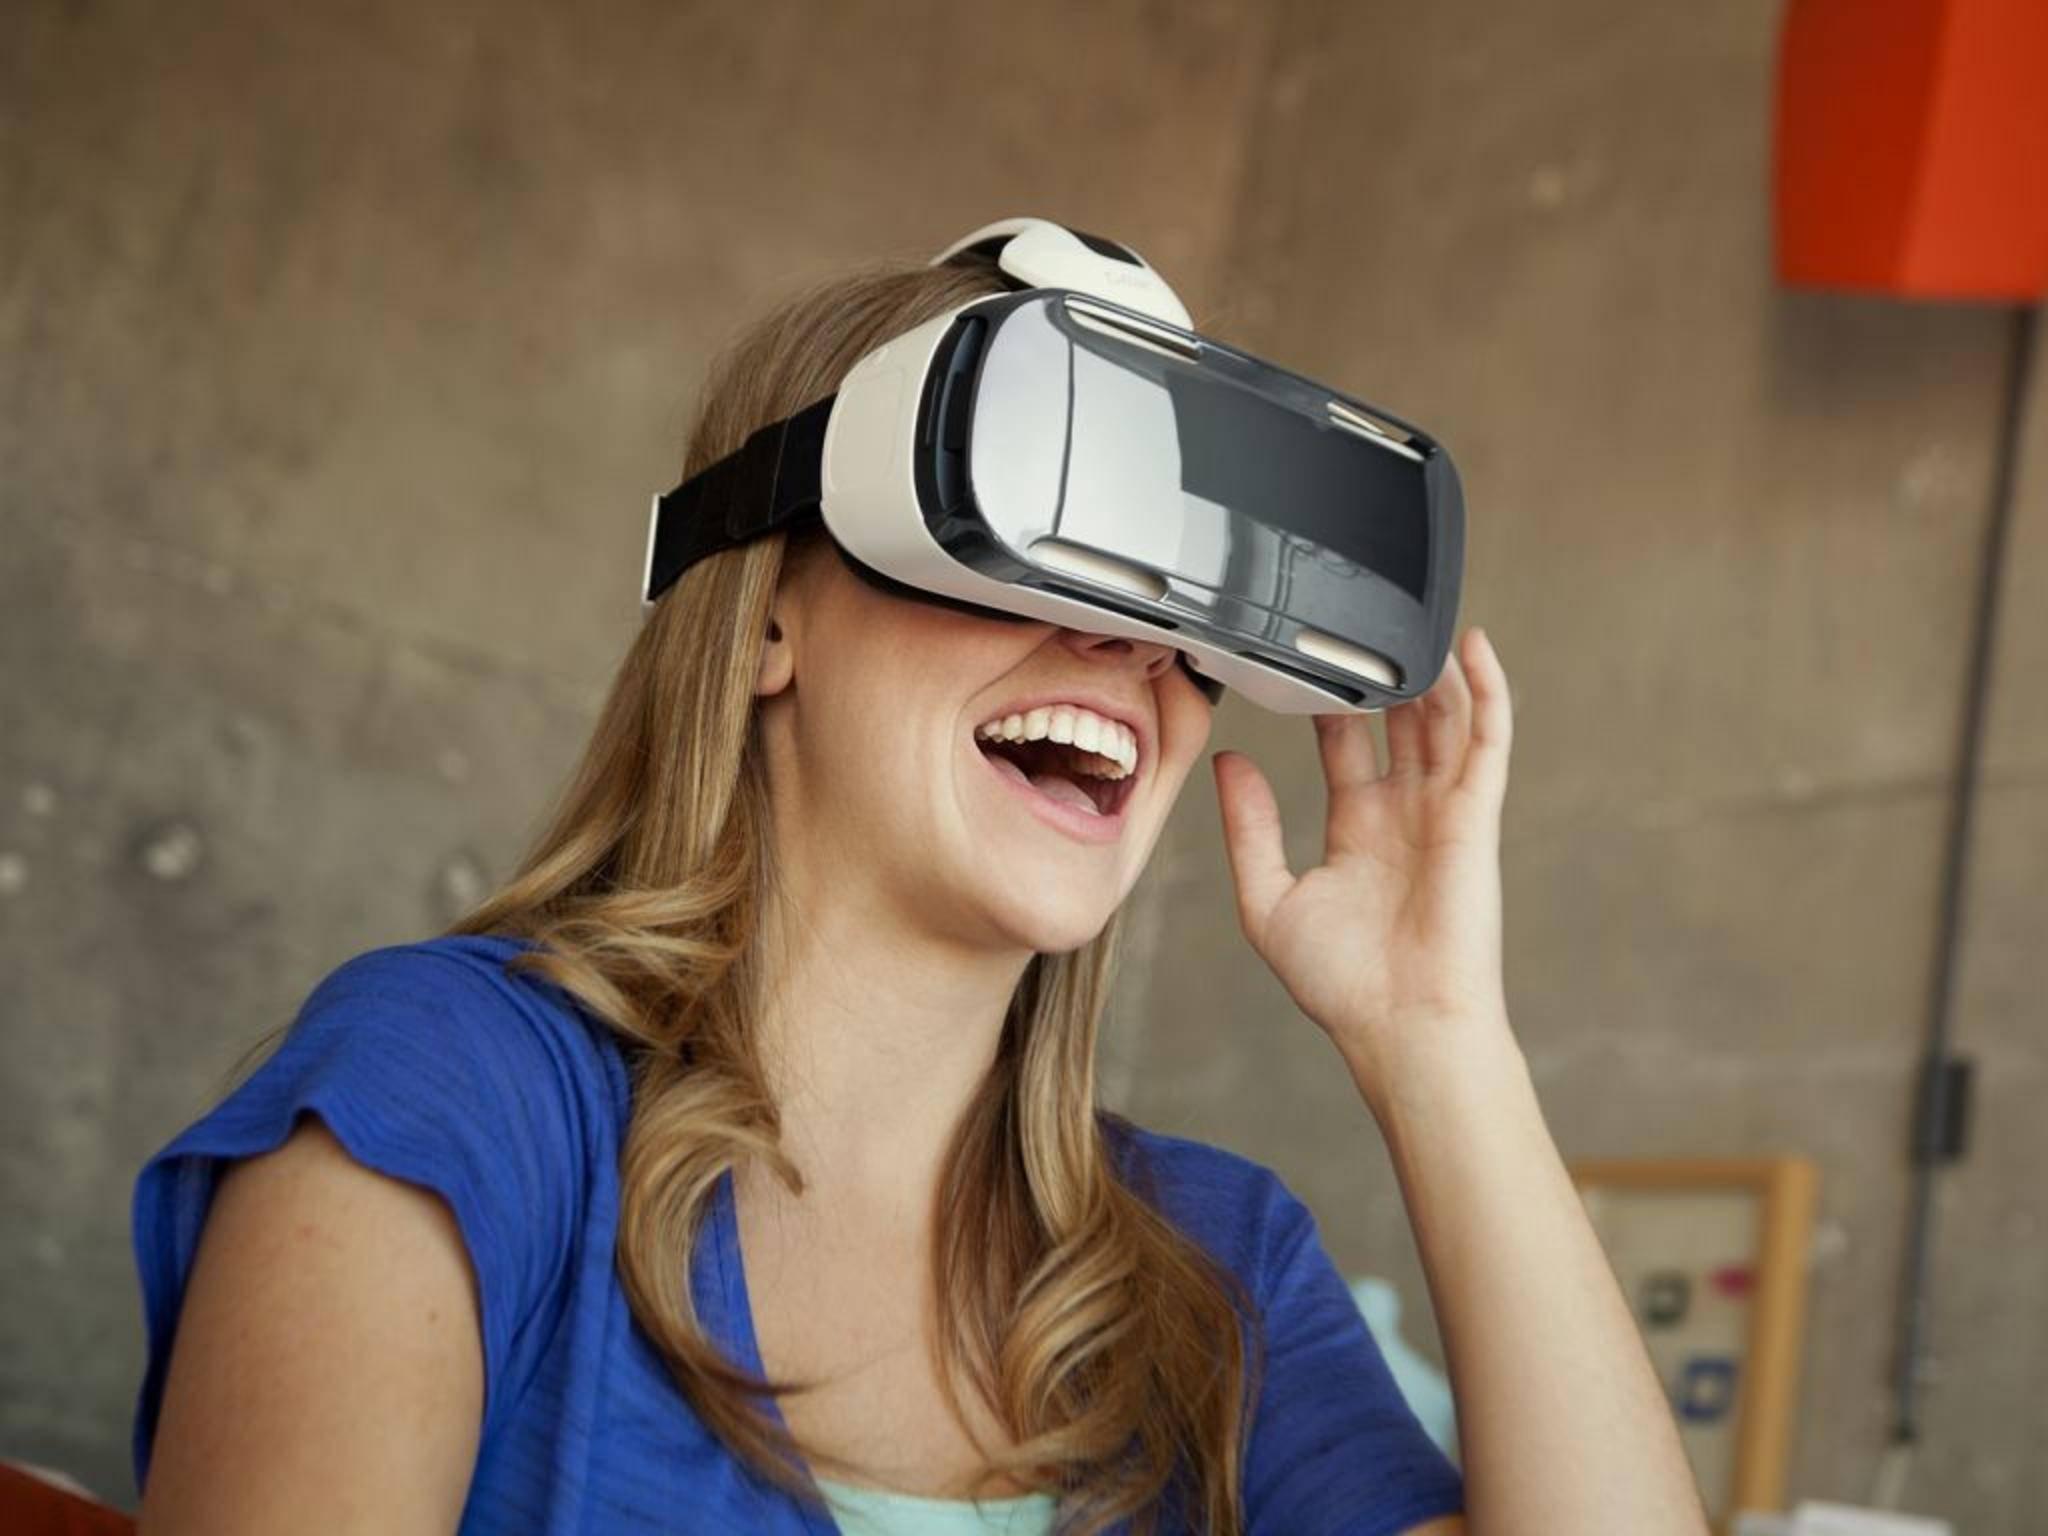 Samsungs neue VR-Brille soll offenbar Odyssey heißen.